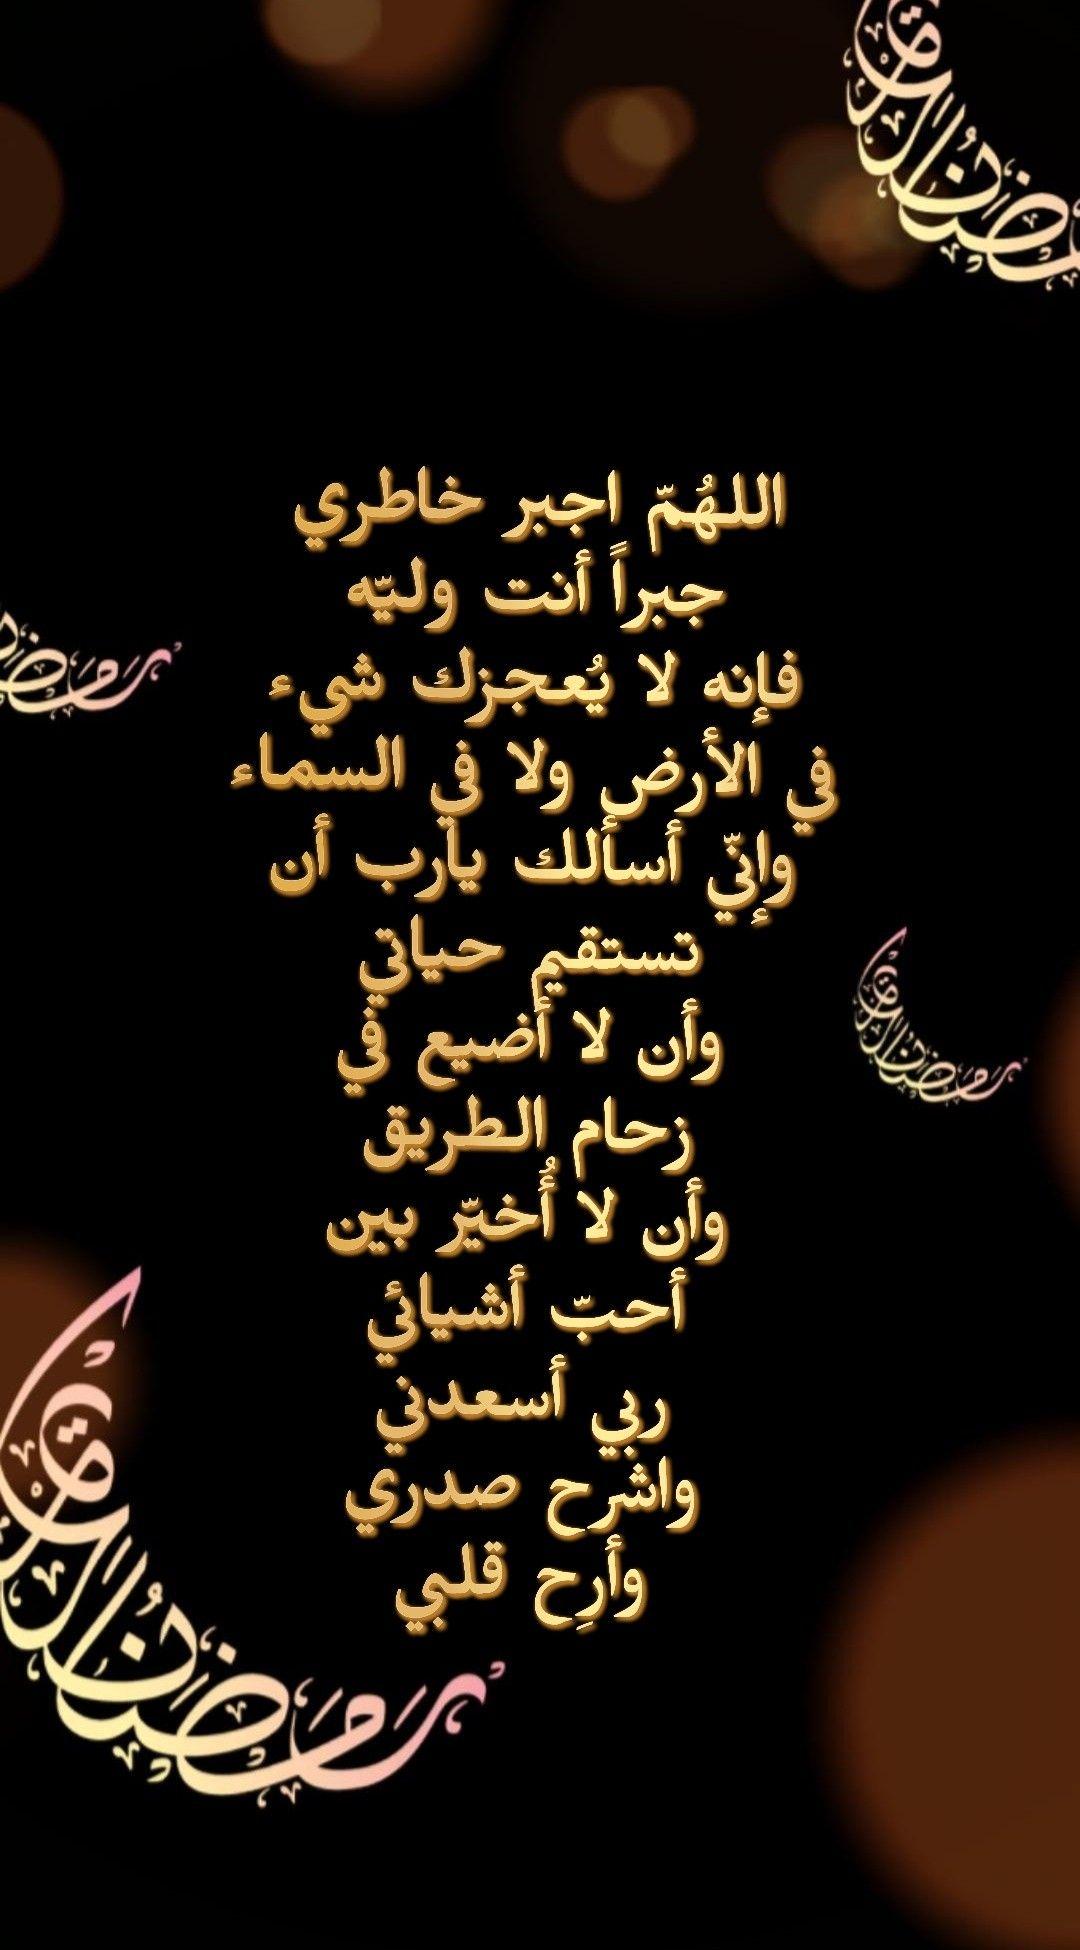 رمضان Poster Art Calligraphy